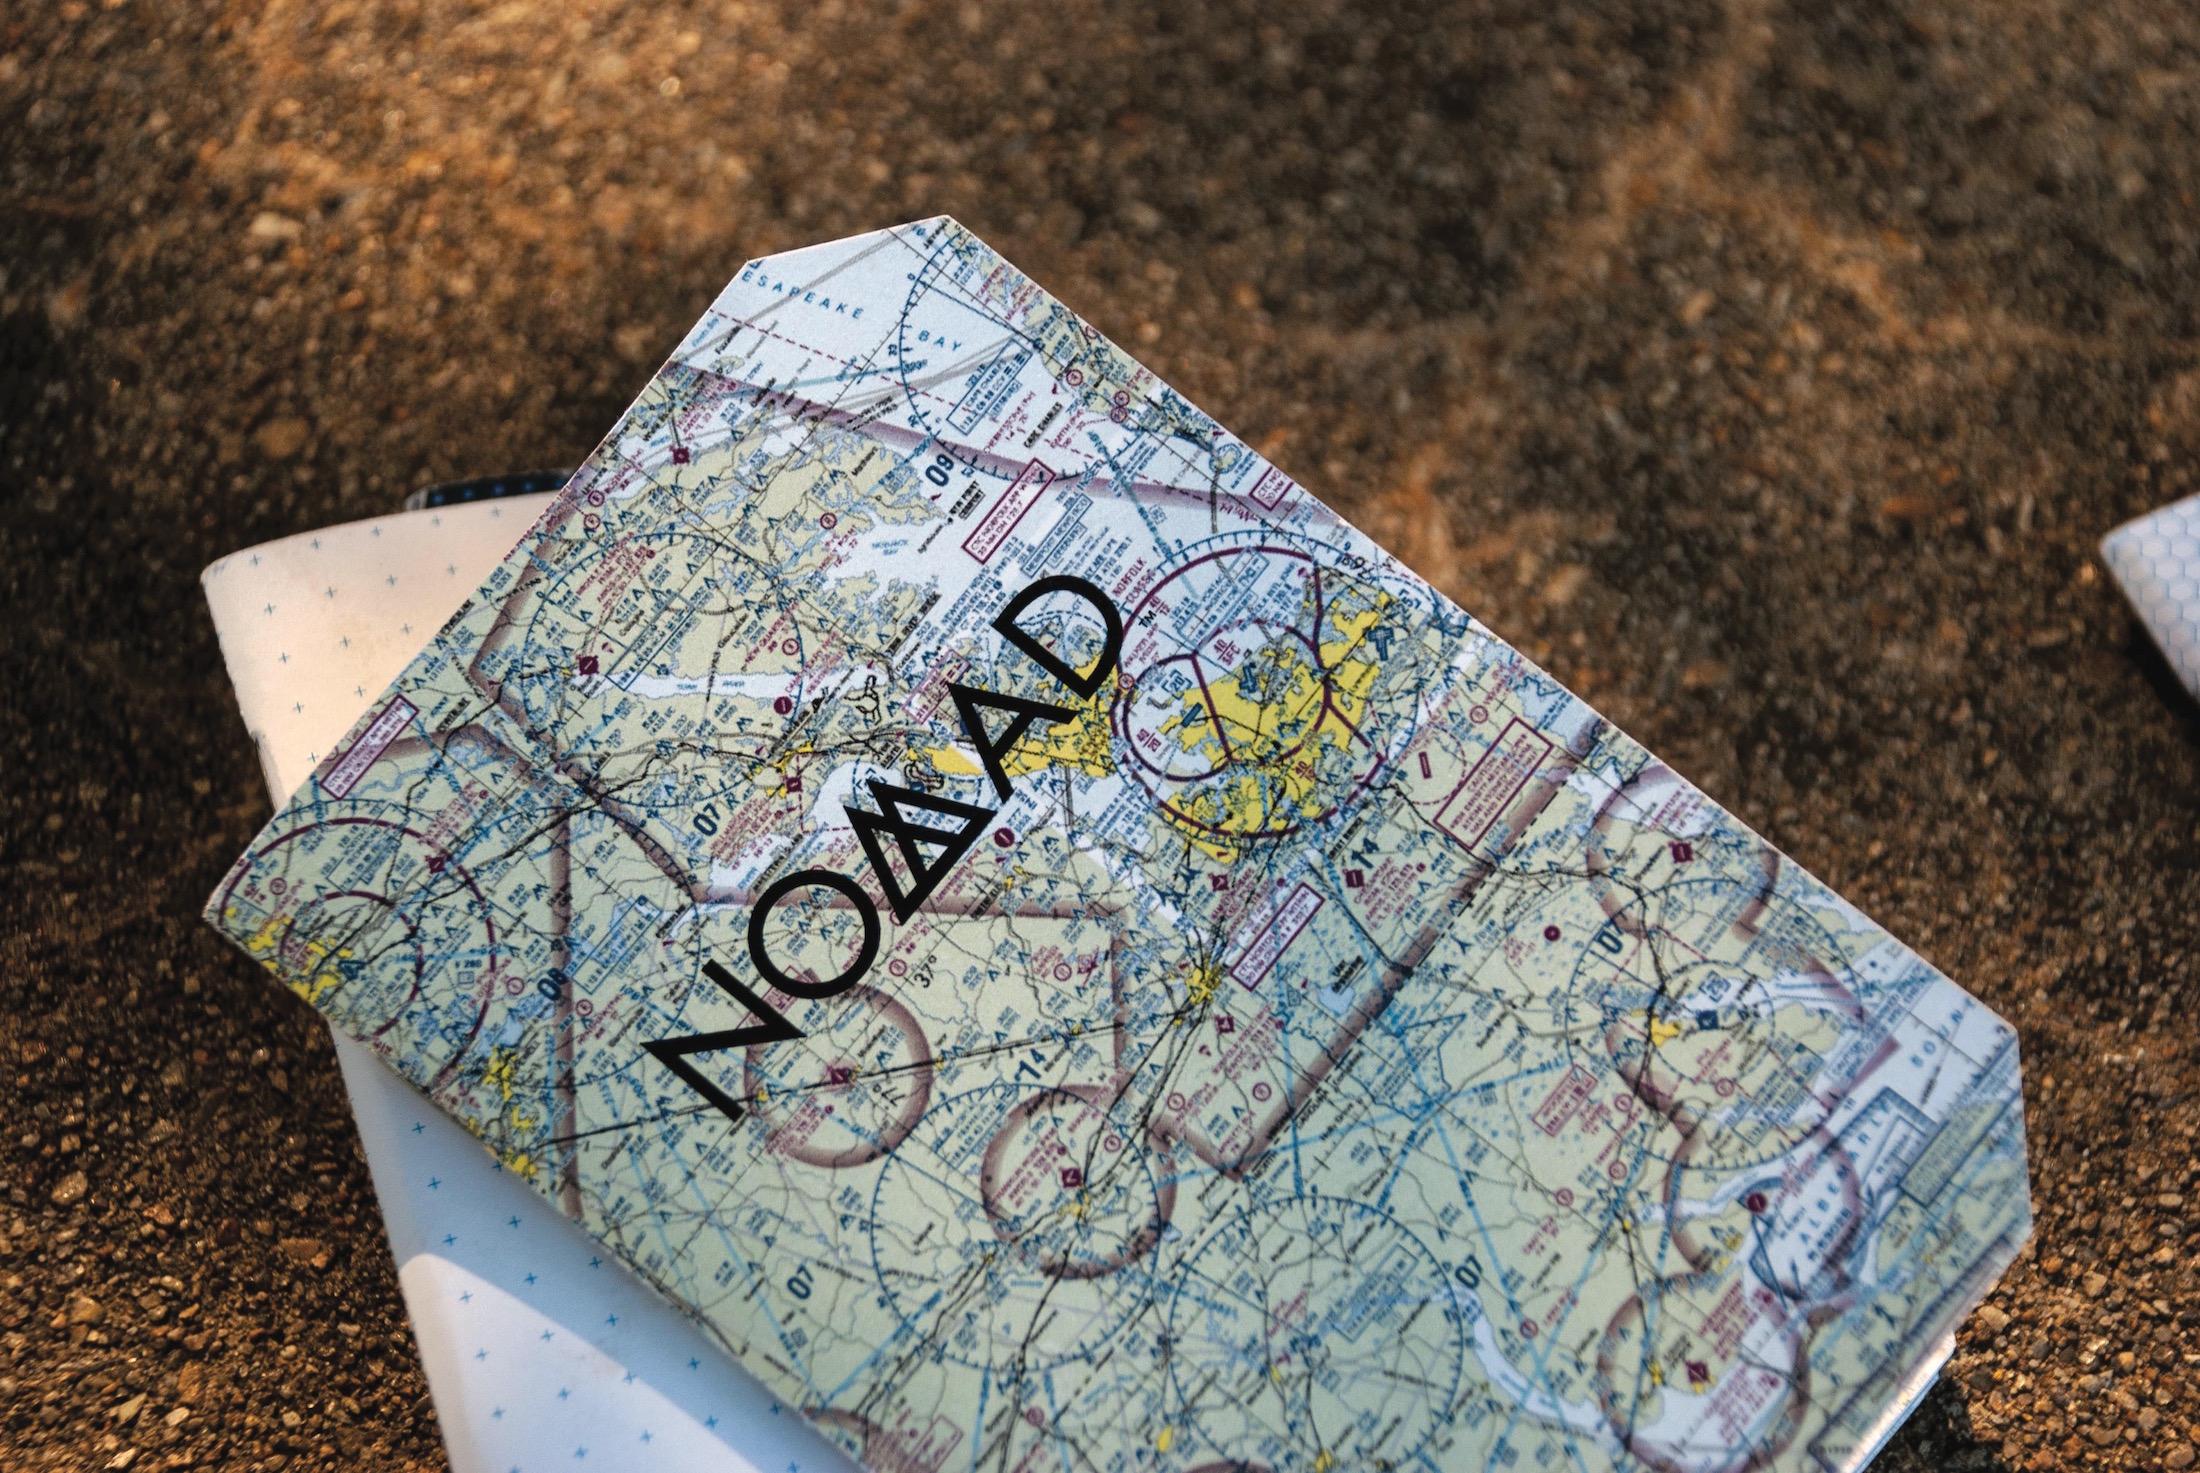 Nomad Notebooks